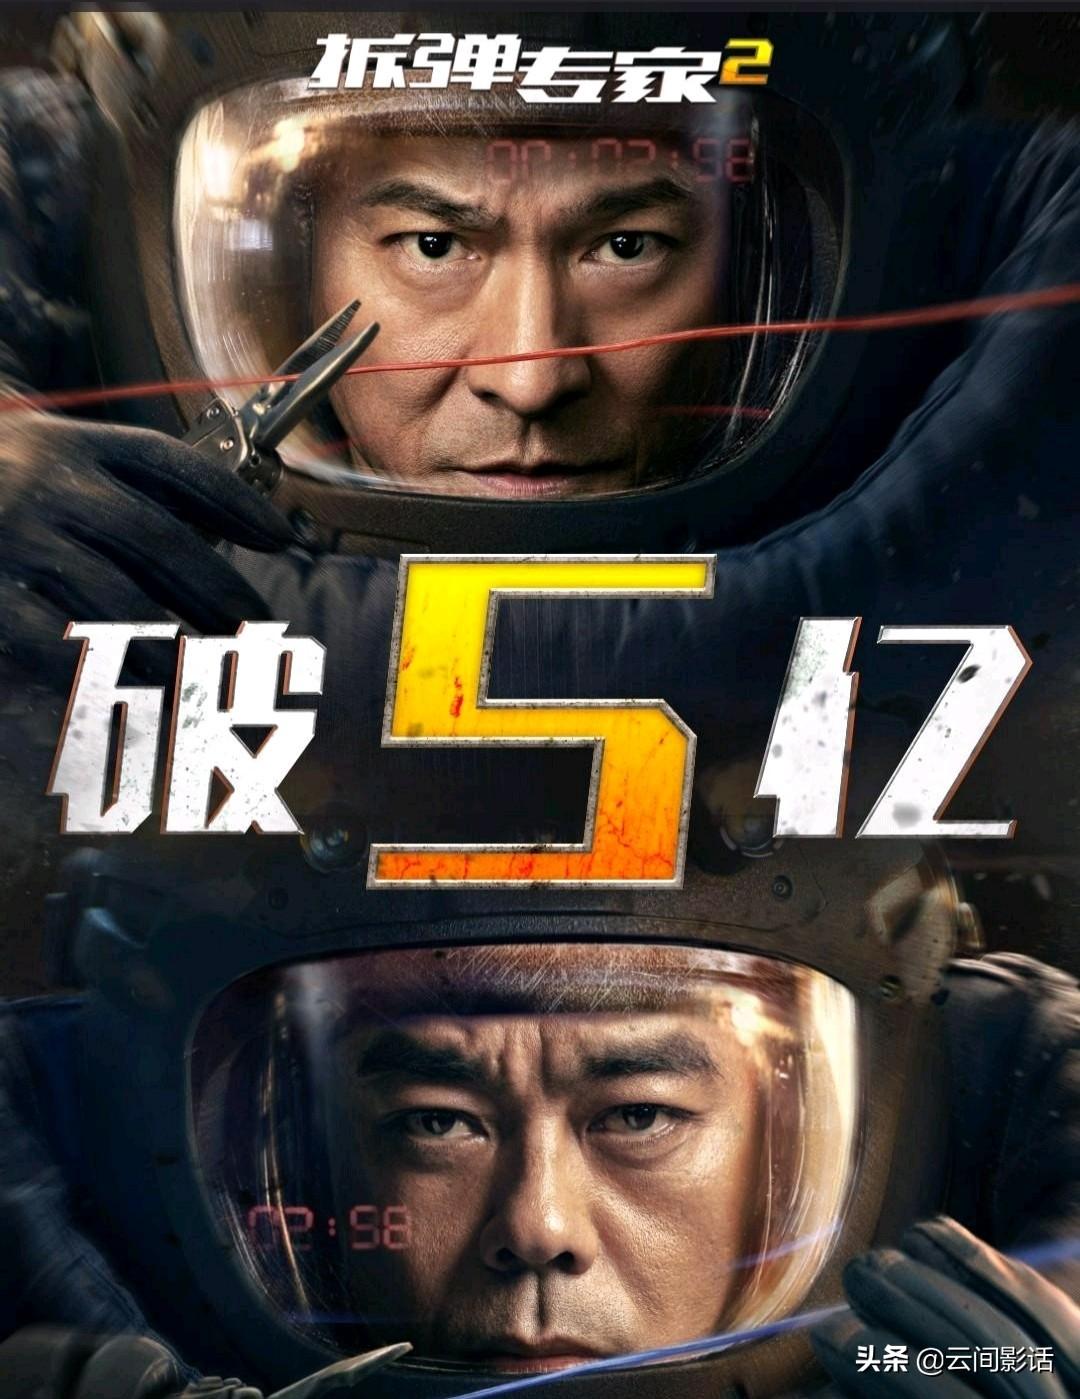 电影《拆弹专家2》表现不俗,仍难敌易烊千玺33分钟破两亿新片